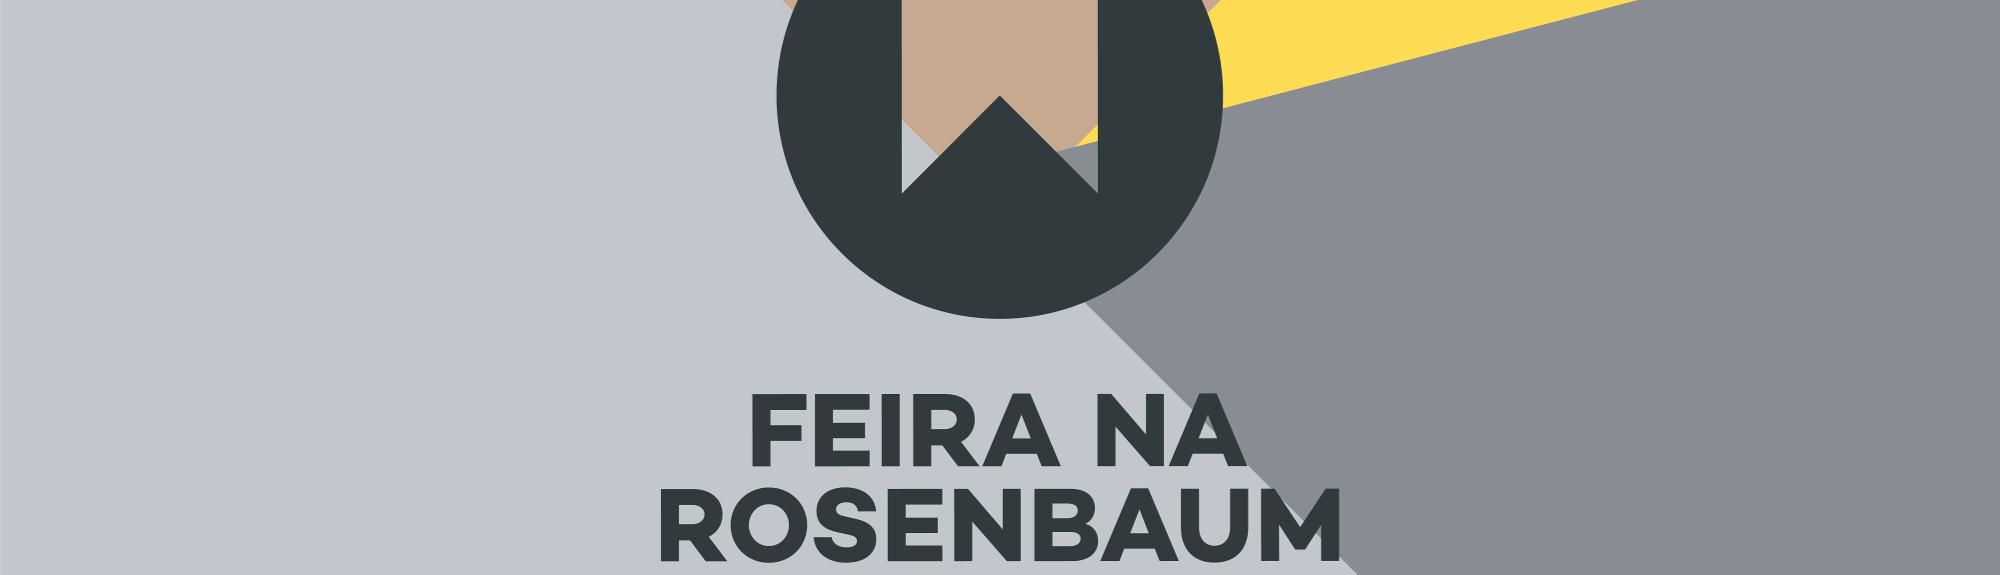 Feira na Rosenbaum na Unibes Cultural chega à 2ª edição